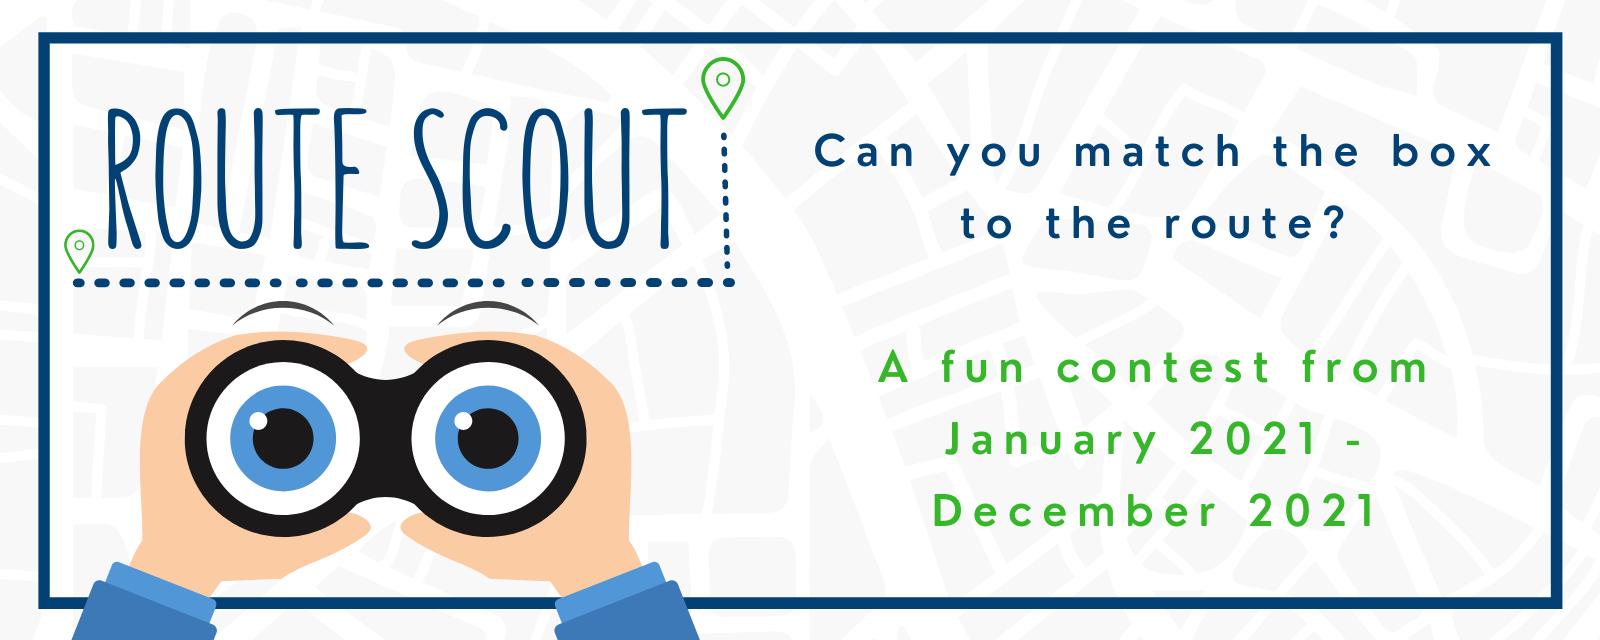 Describing Route Scout Contest